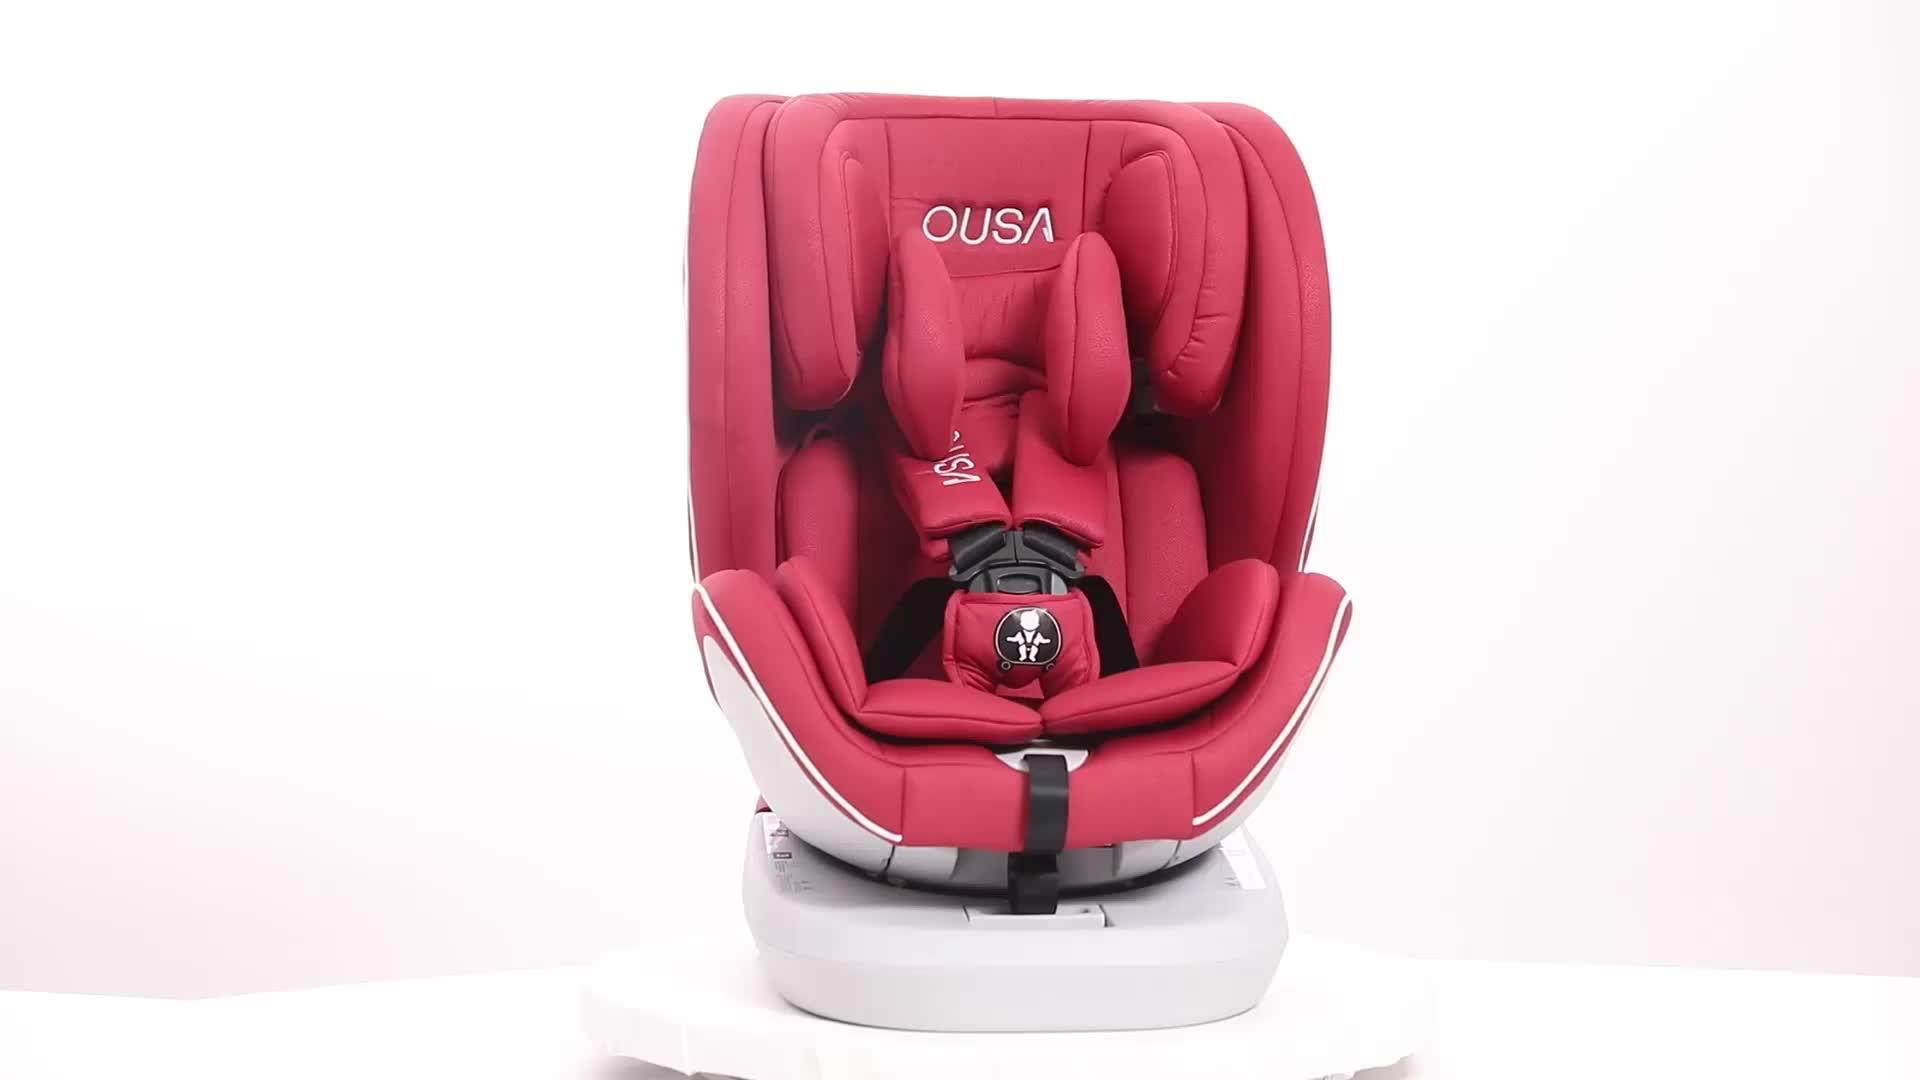 איכות מעולה לסובב 360 תואר ילד בטיחות רכב מושב כורסת תינוק מכונית מושב קבוצת 0123 עם ISOFIX